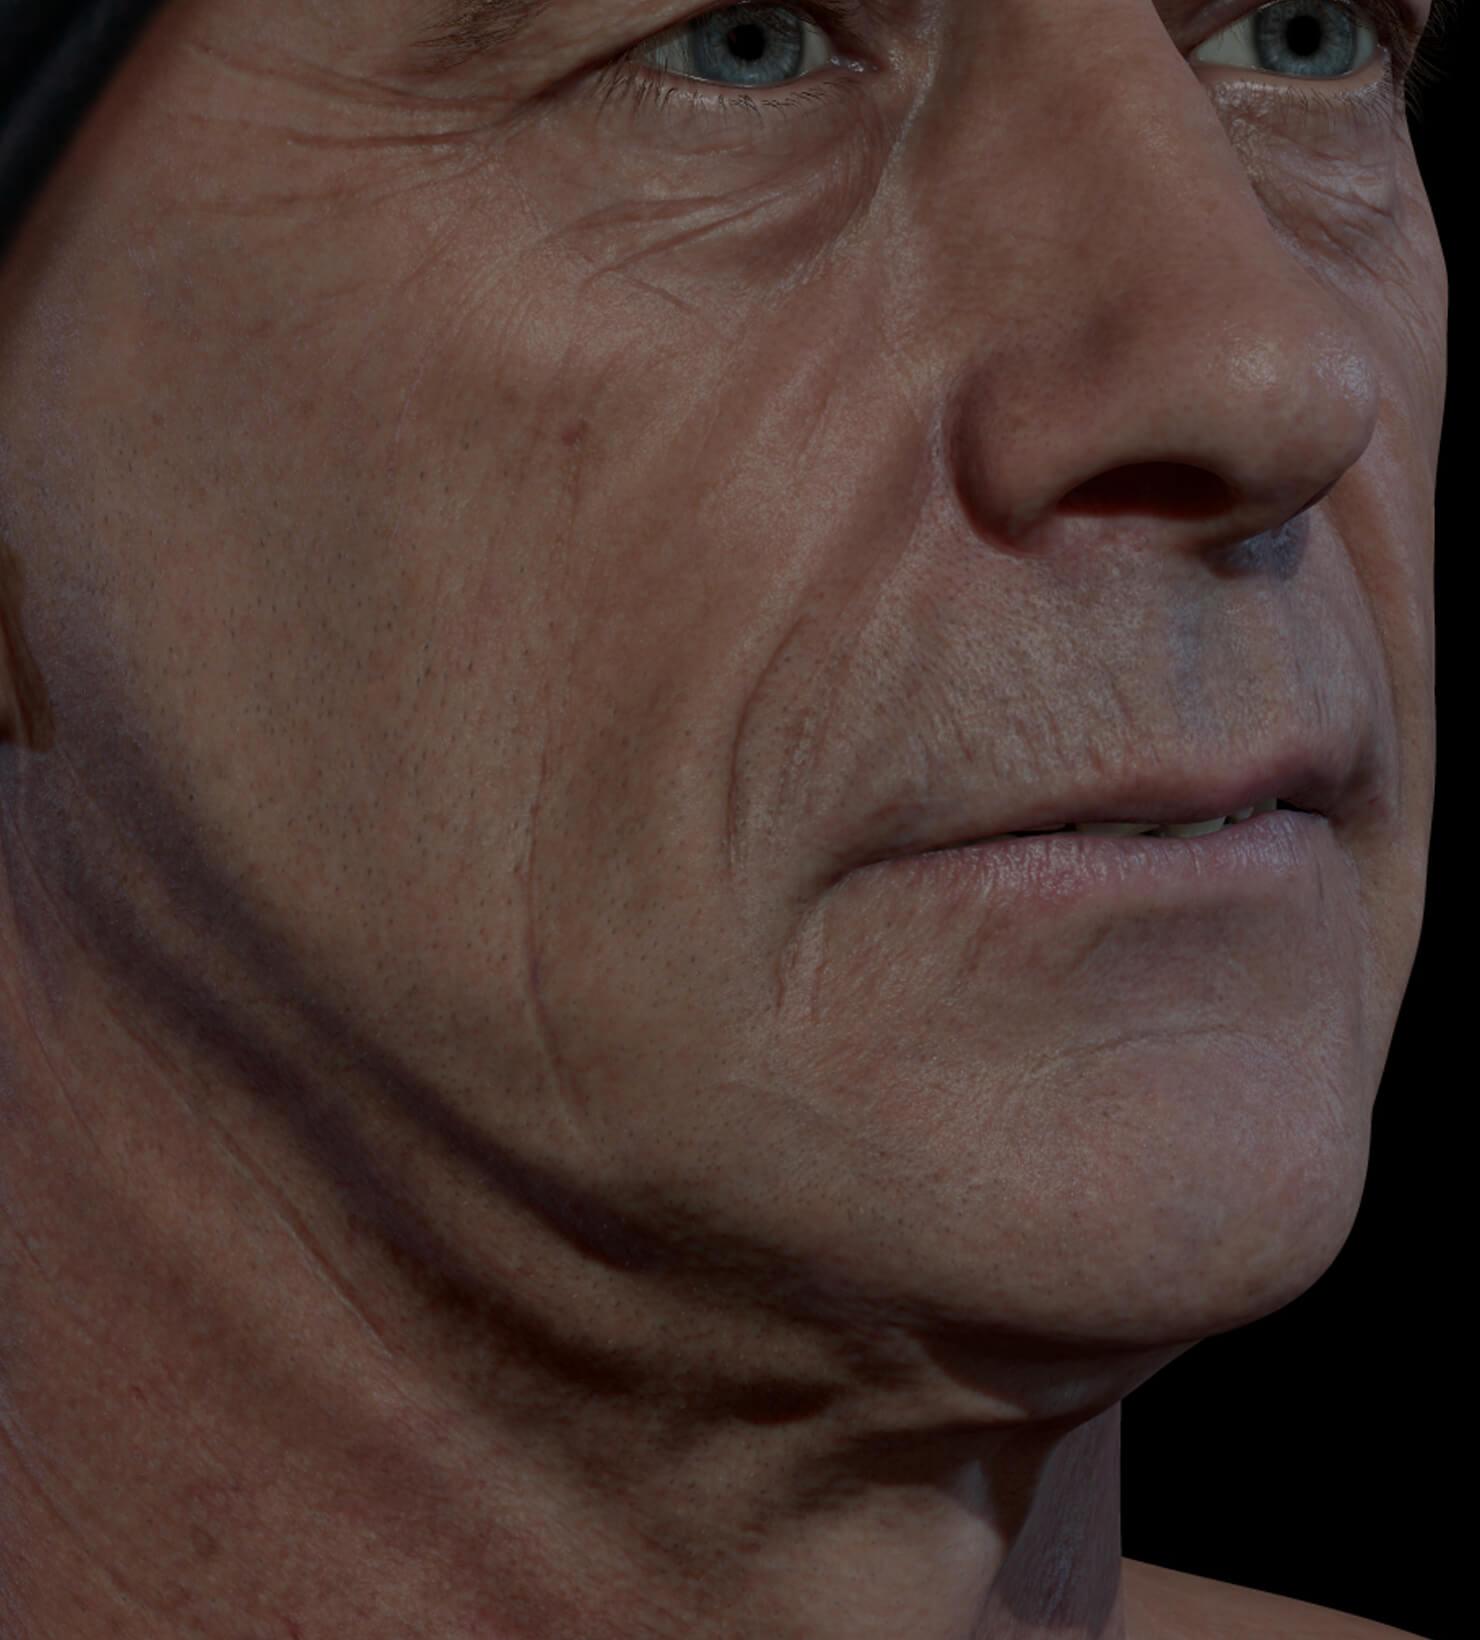 Patient de la Clinique Chloé présentant des rides et ridules sur le visage traité avec des injections d'agents de comblement